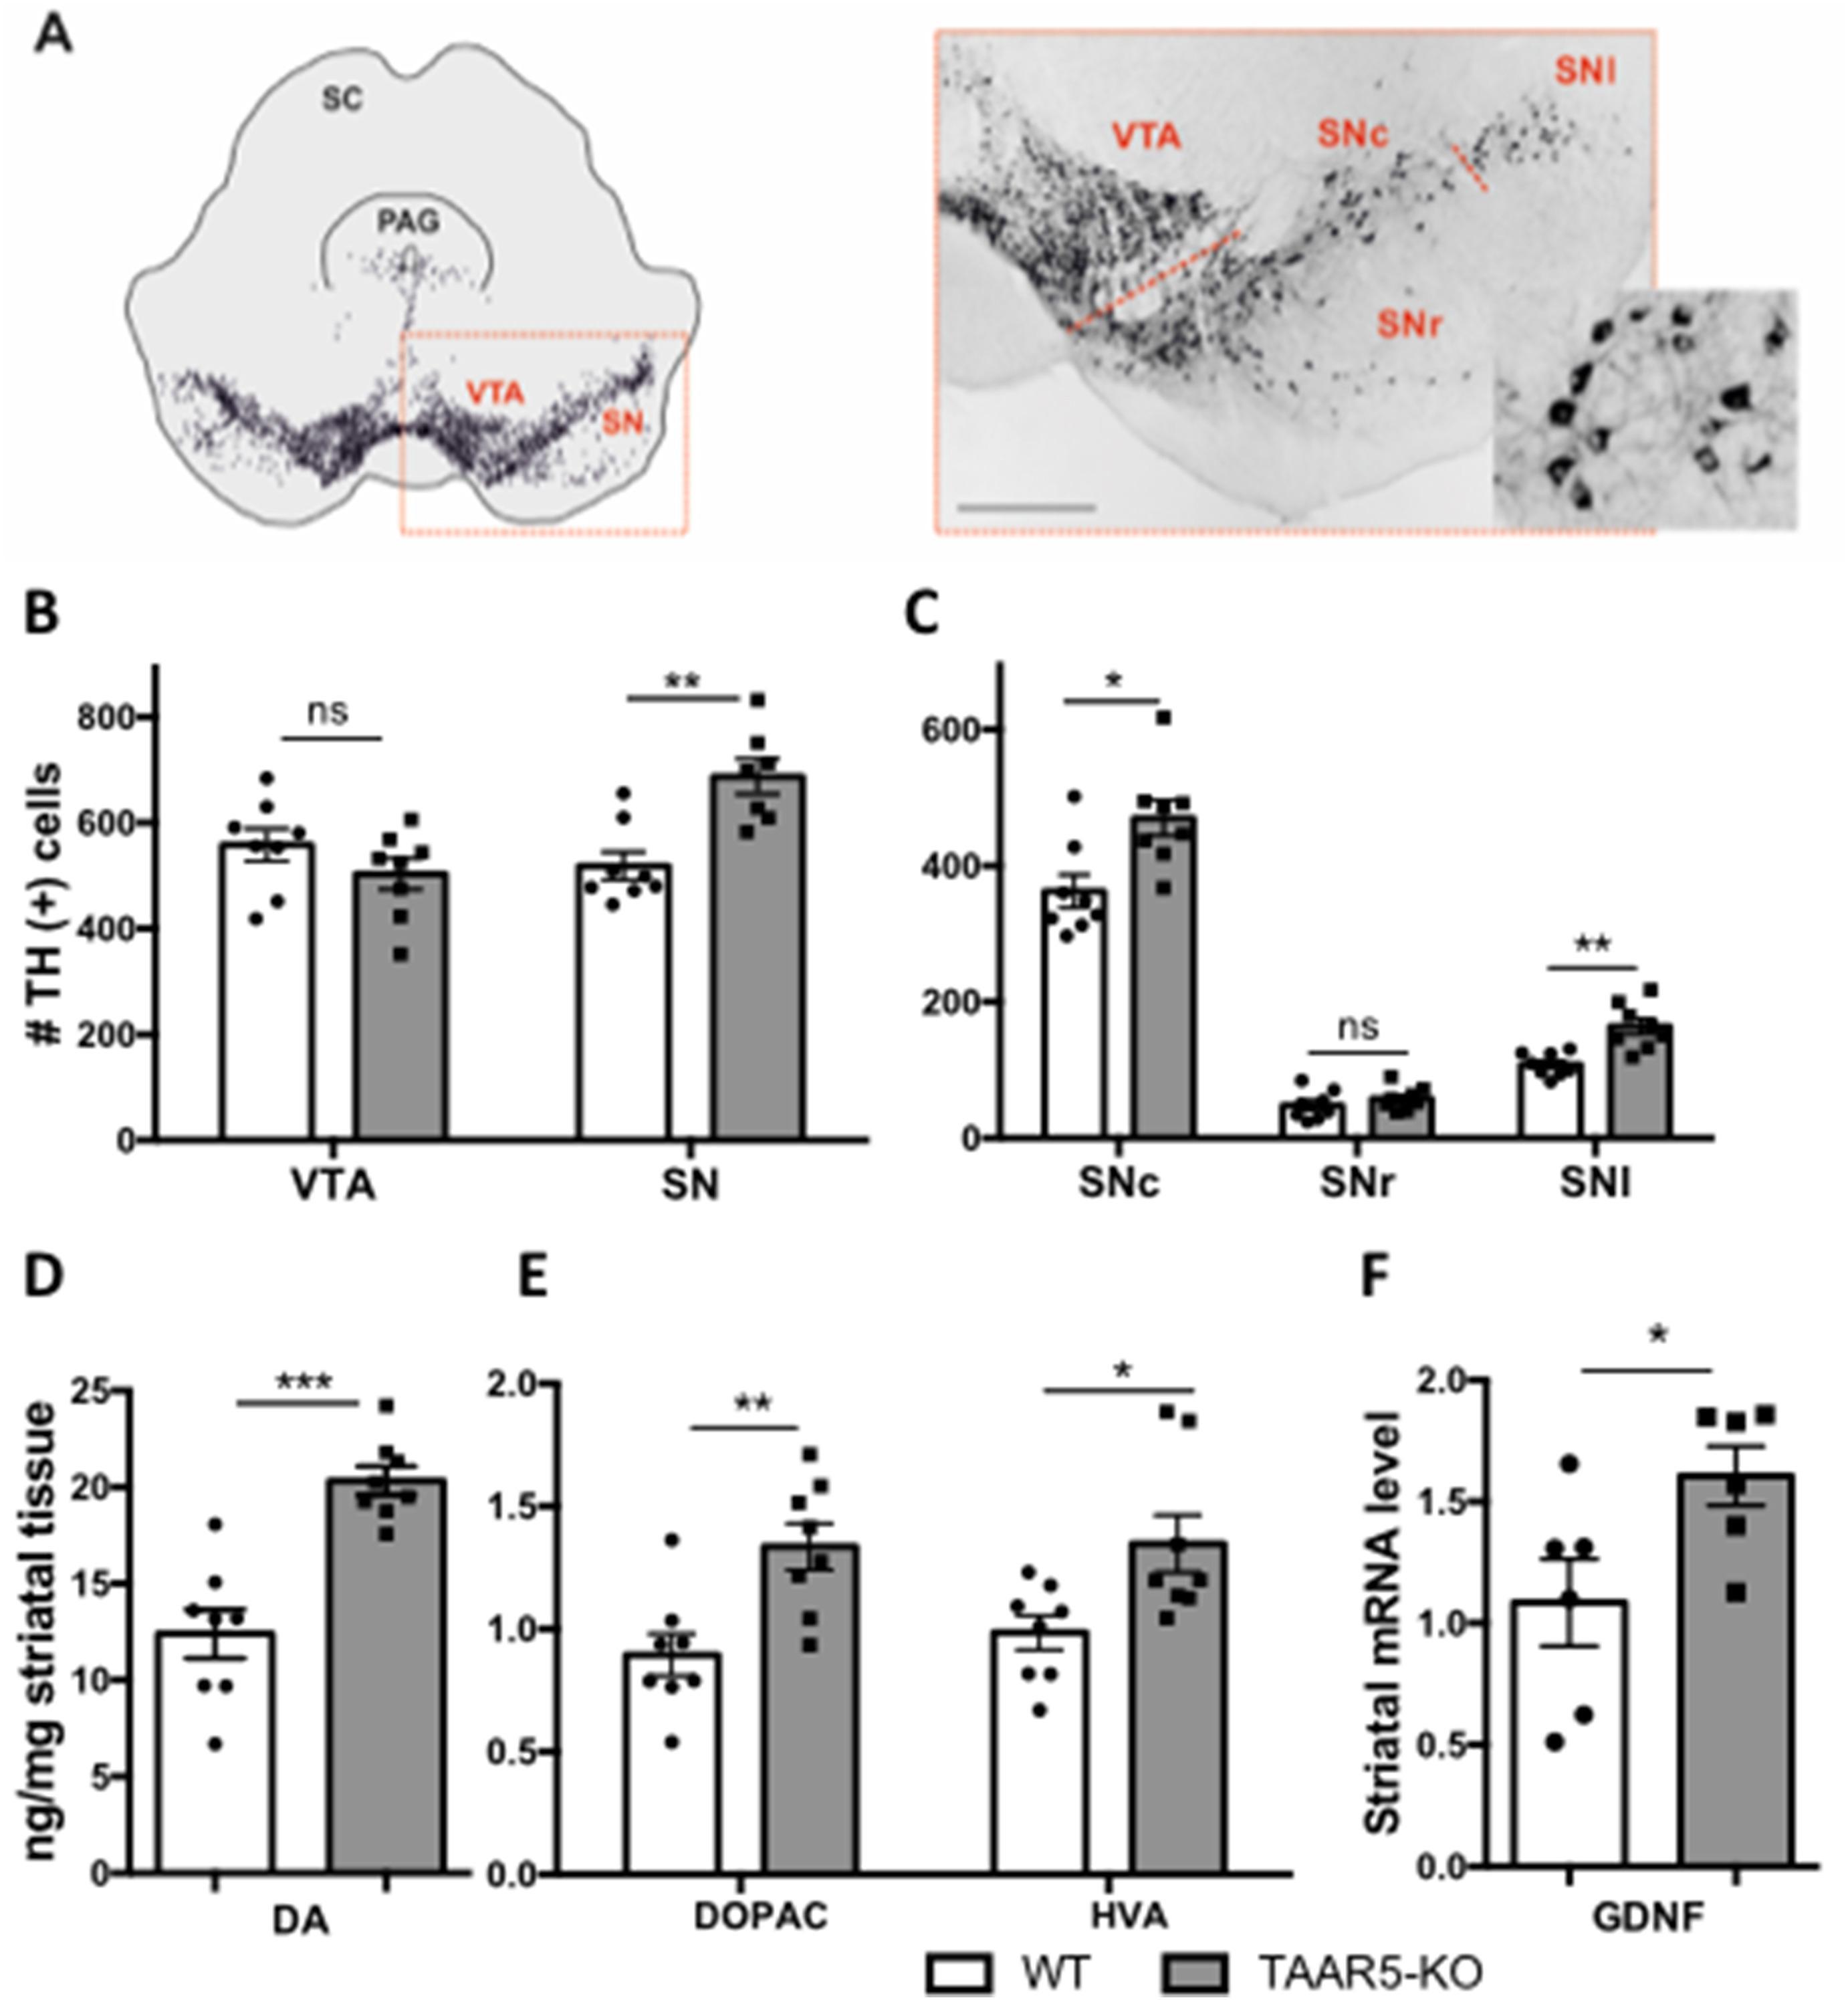 Новая нейромедиаторная система на основе следовых аминов способна восстанавливать нервные клетки у взрослых особей